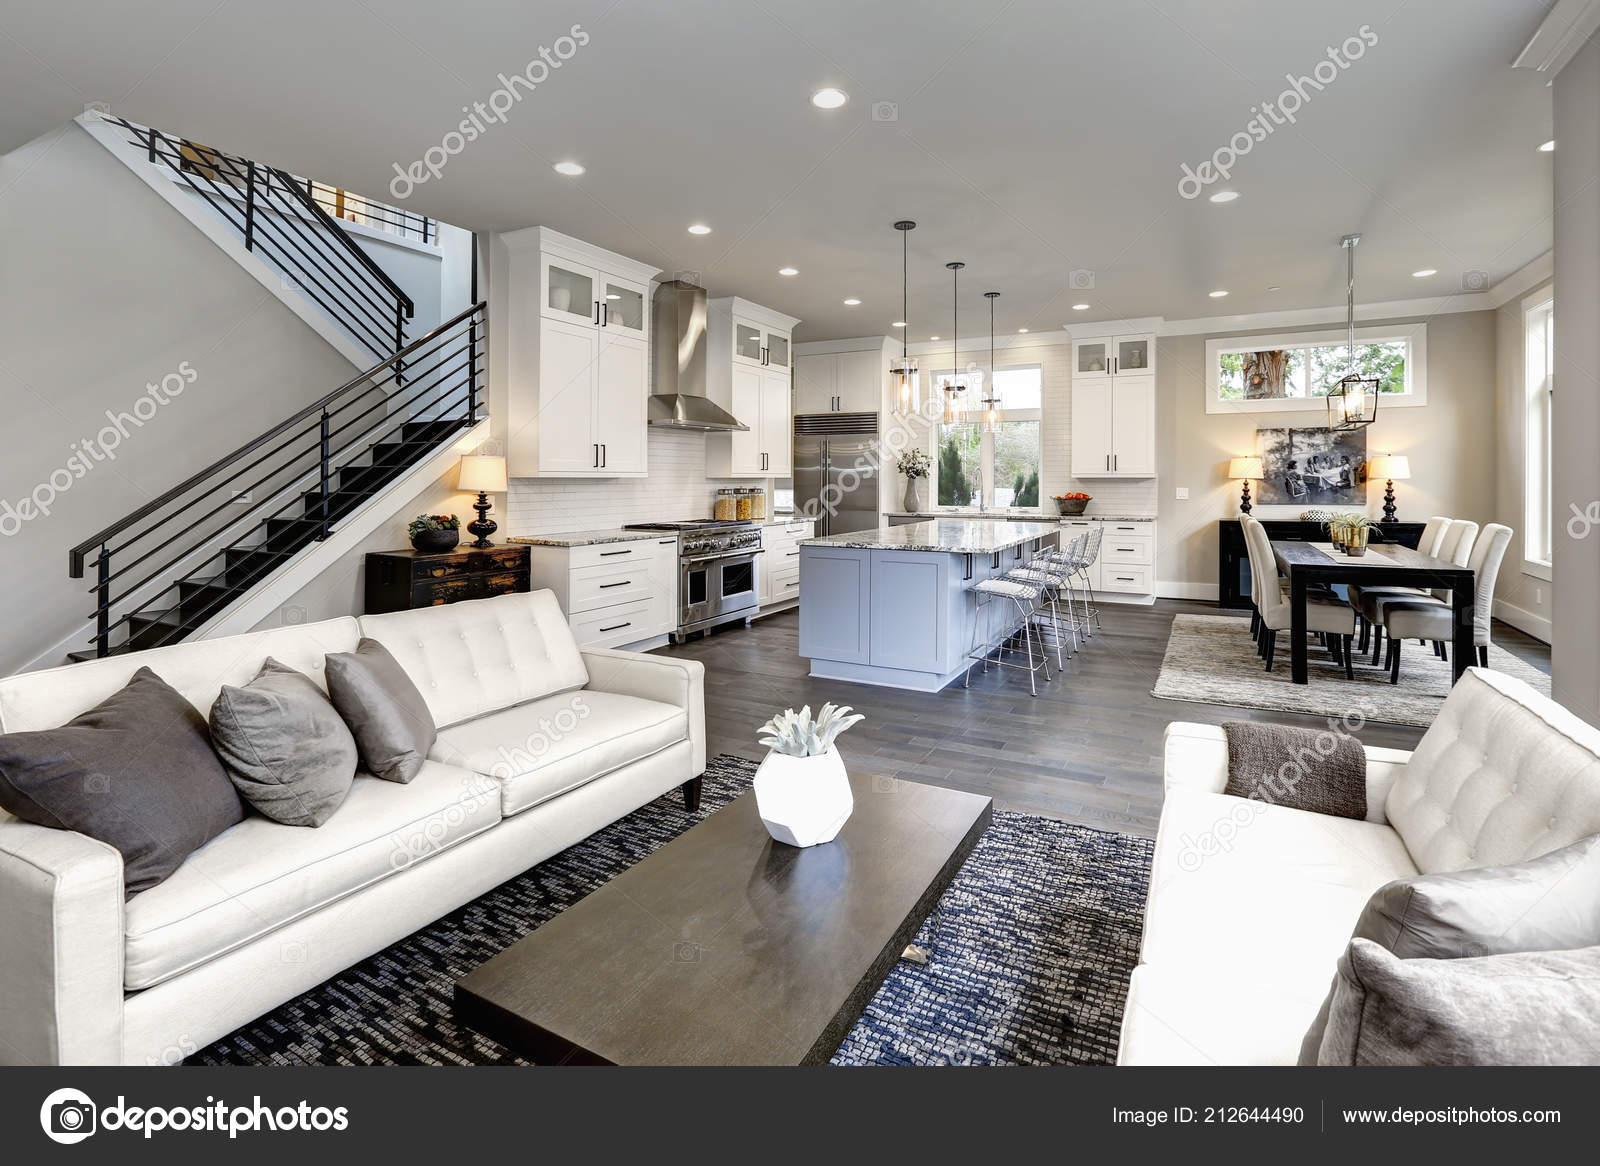 Große Moderne Luxus Wohnzimmer Interieur Bellevue Nach Hause U2014 Stockfoto